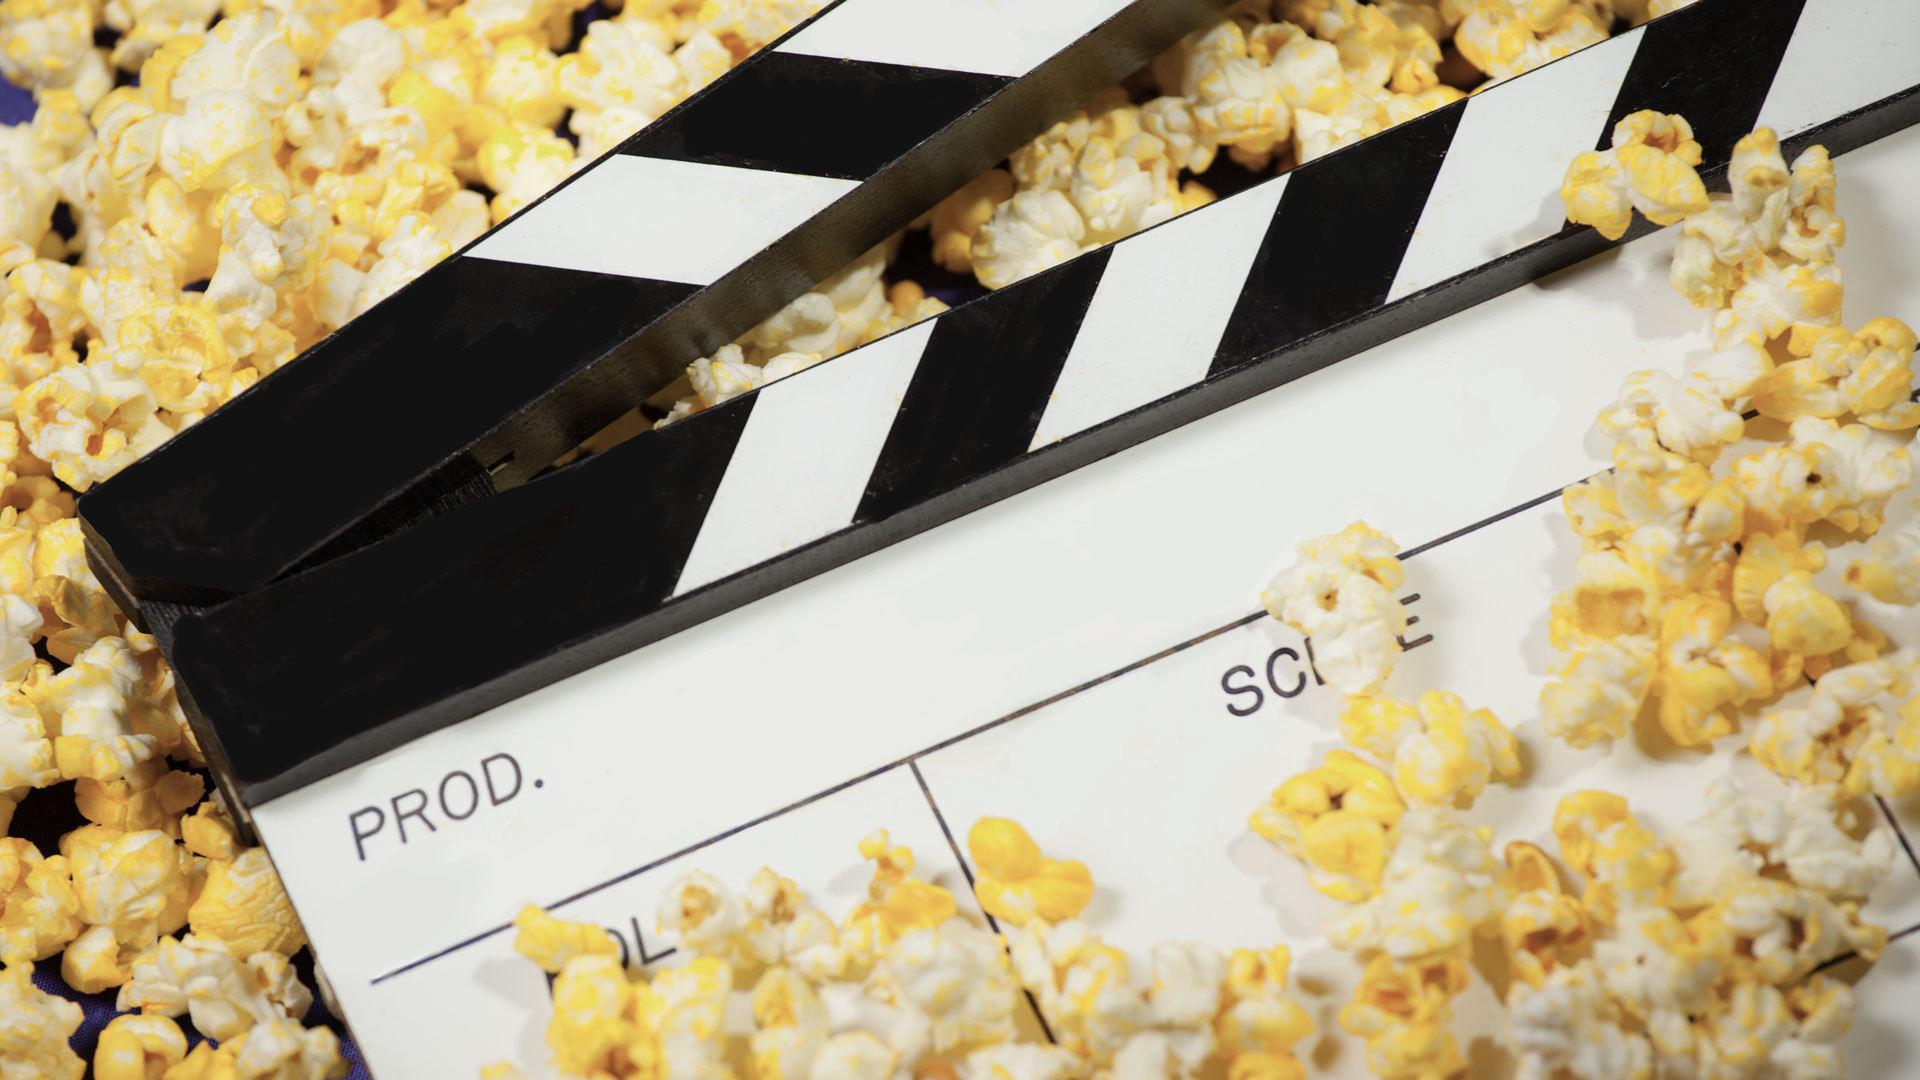 95 - Demuestra lo que sabes de cine